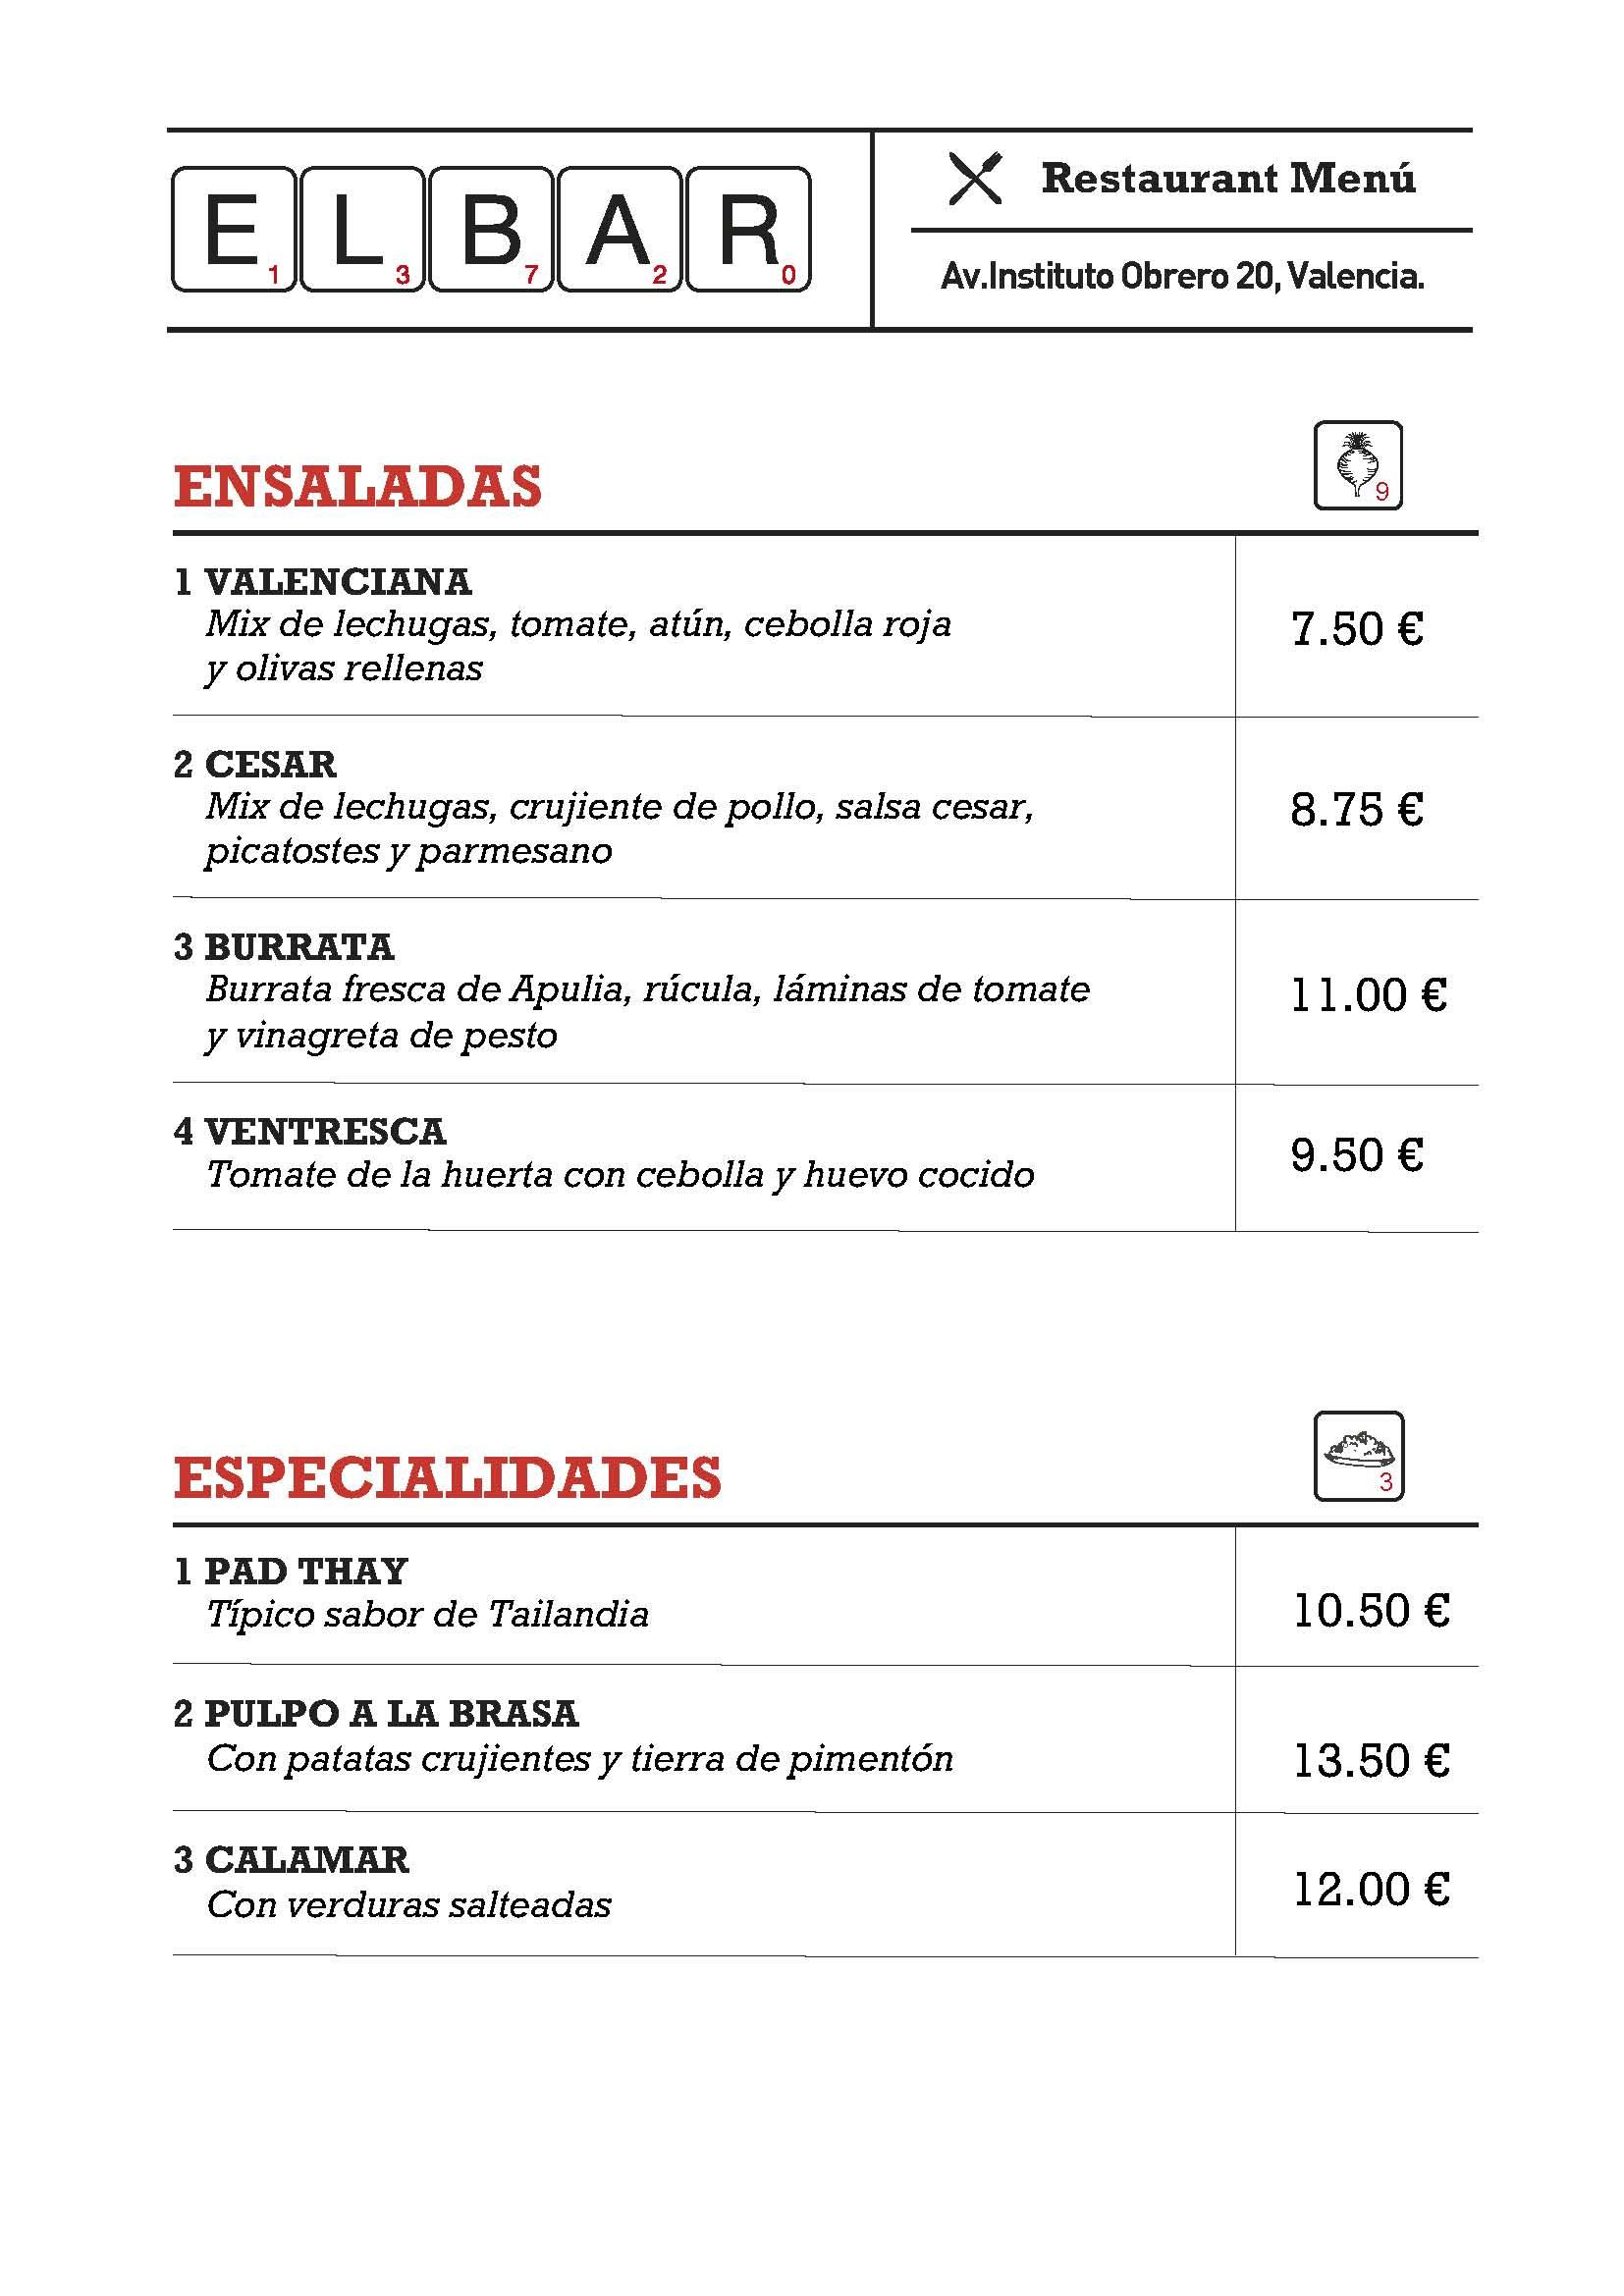 restaurante-especialidad-arroz-meloso-elbar-valencia